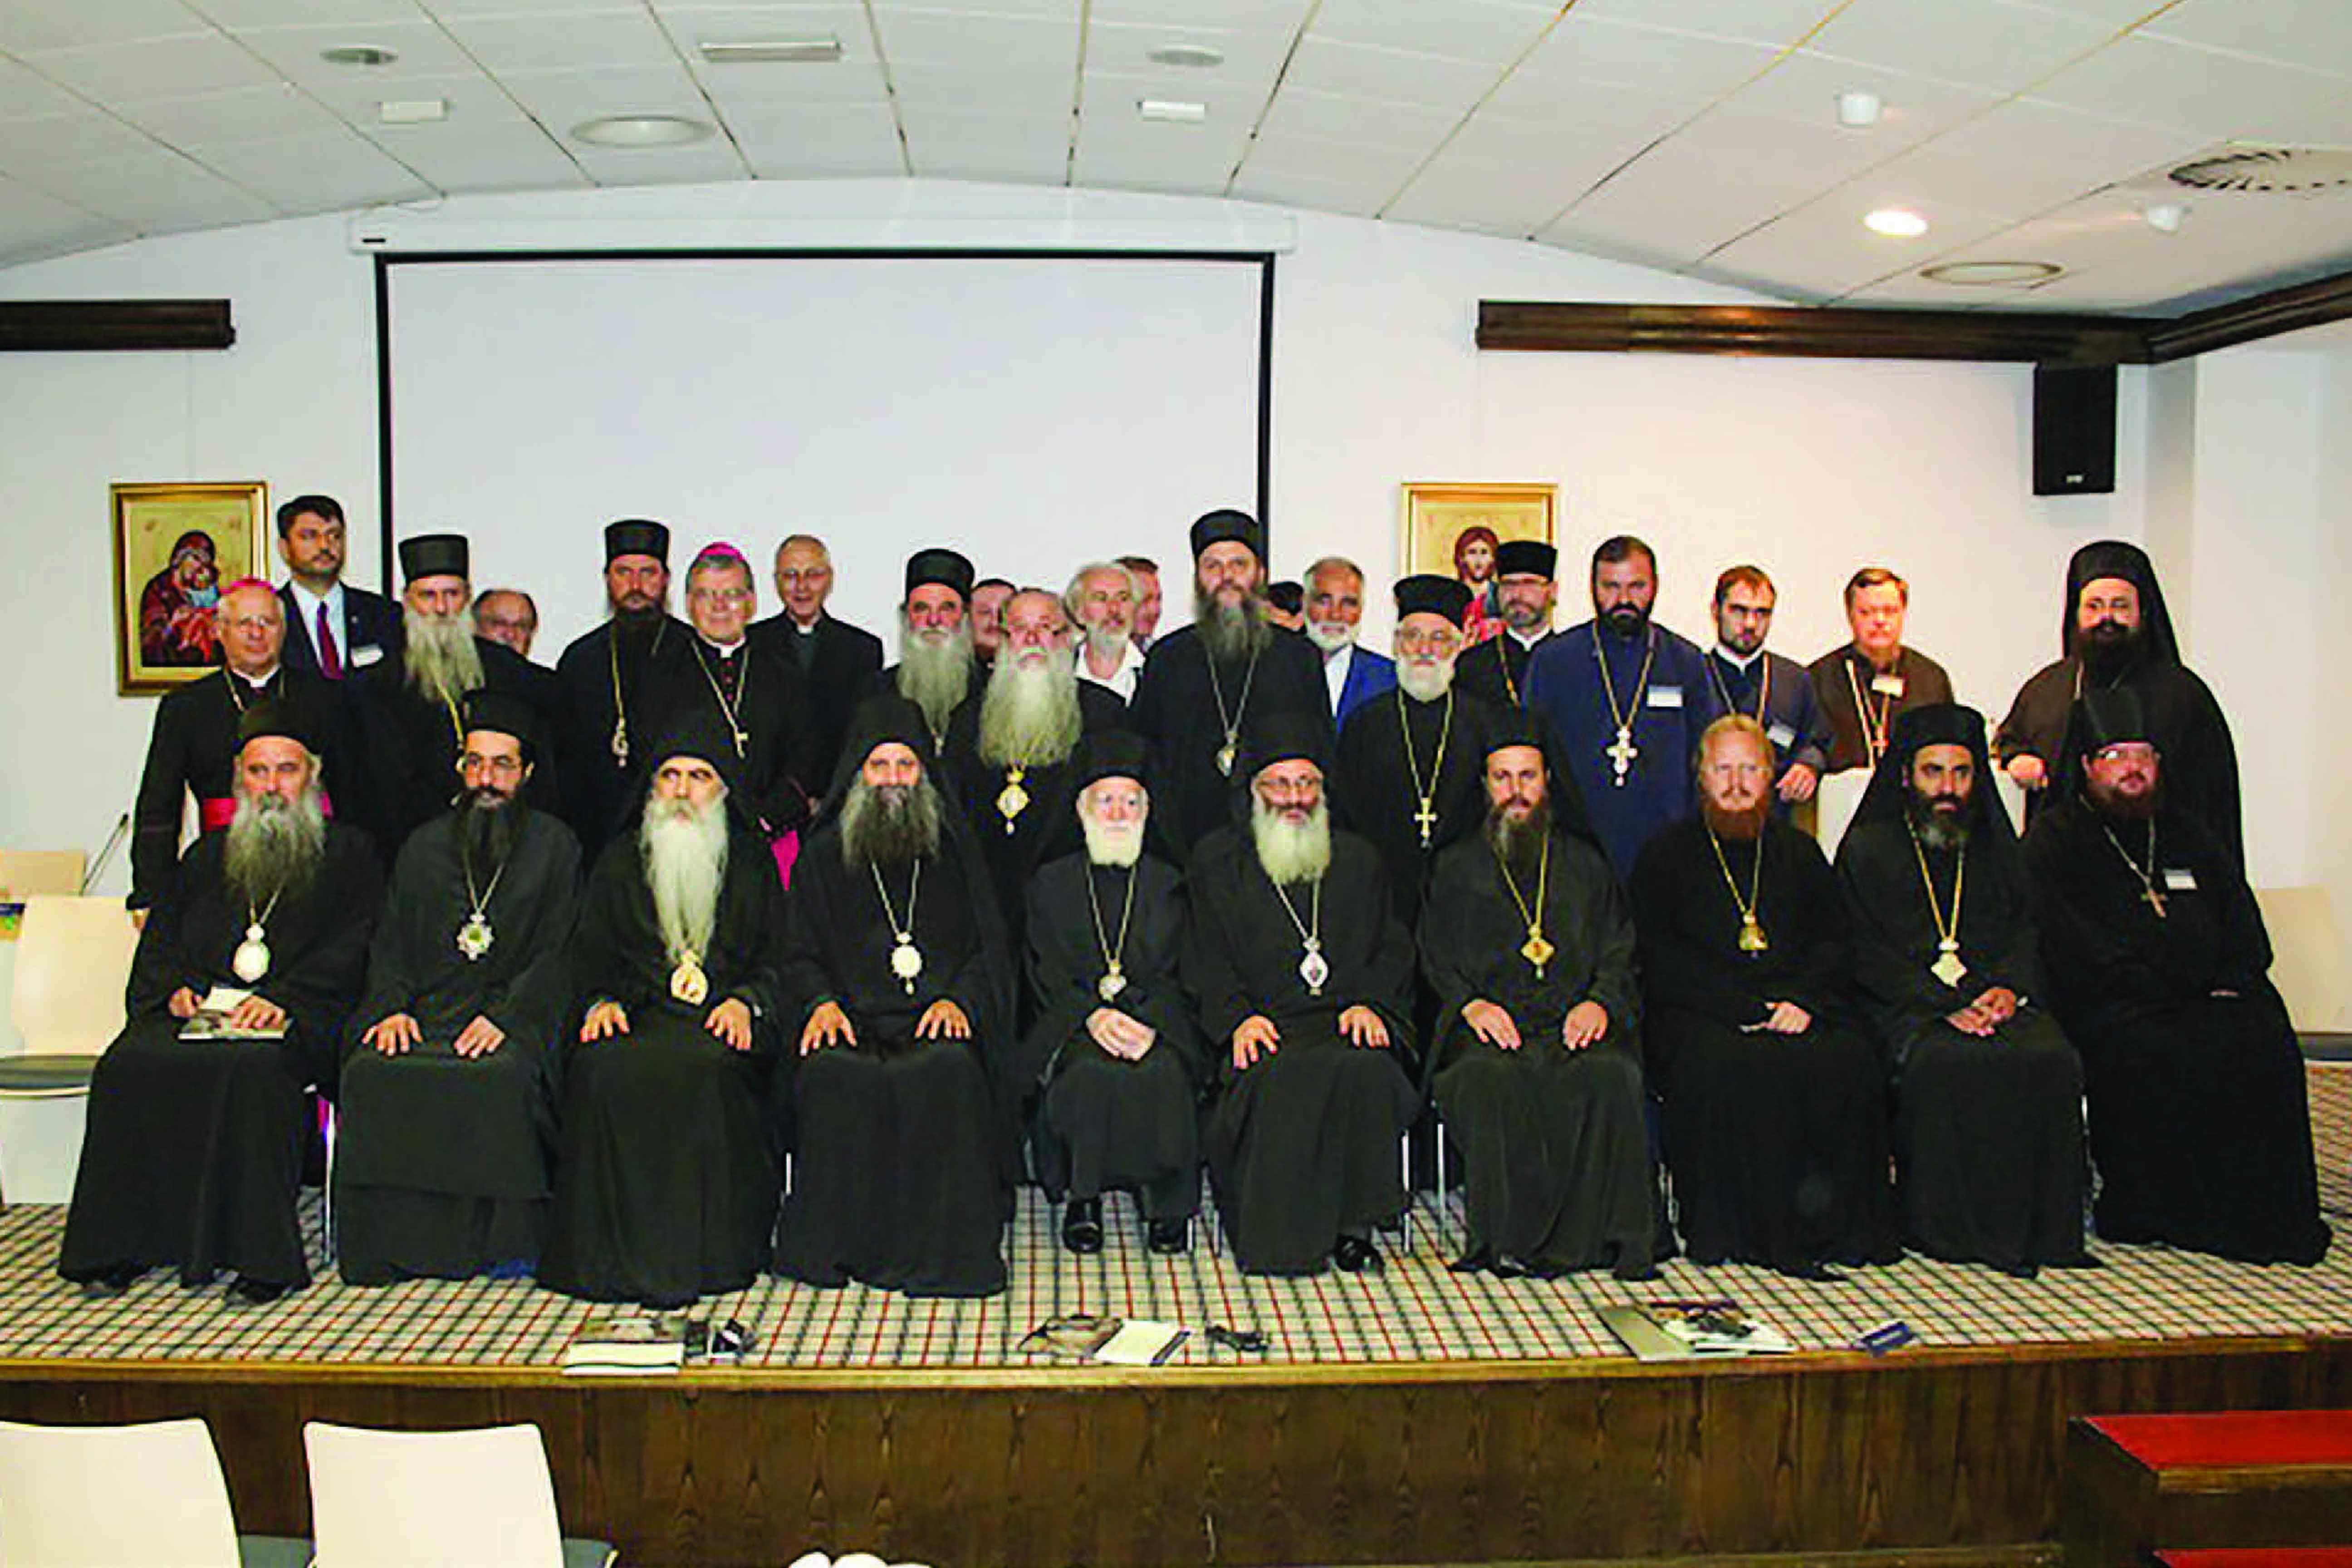 Întâlnire pentru studiul religiilor și cultelor distructive